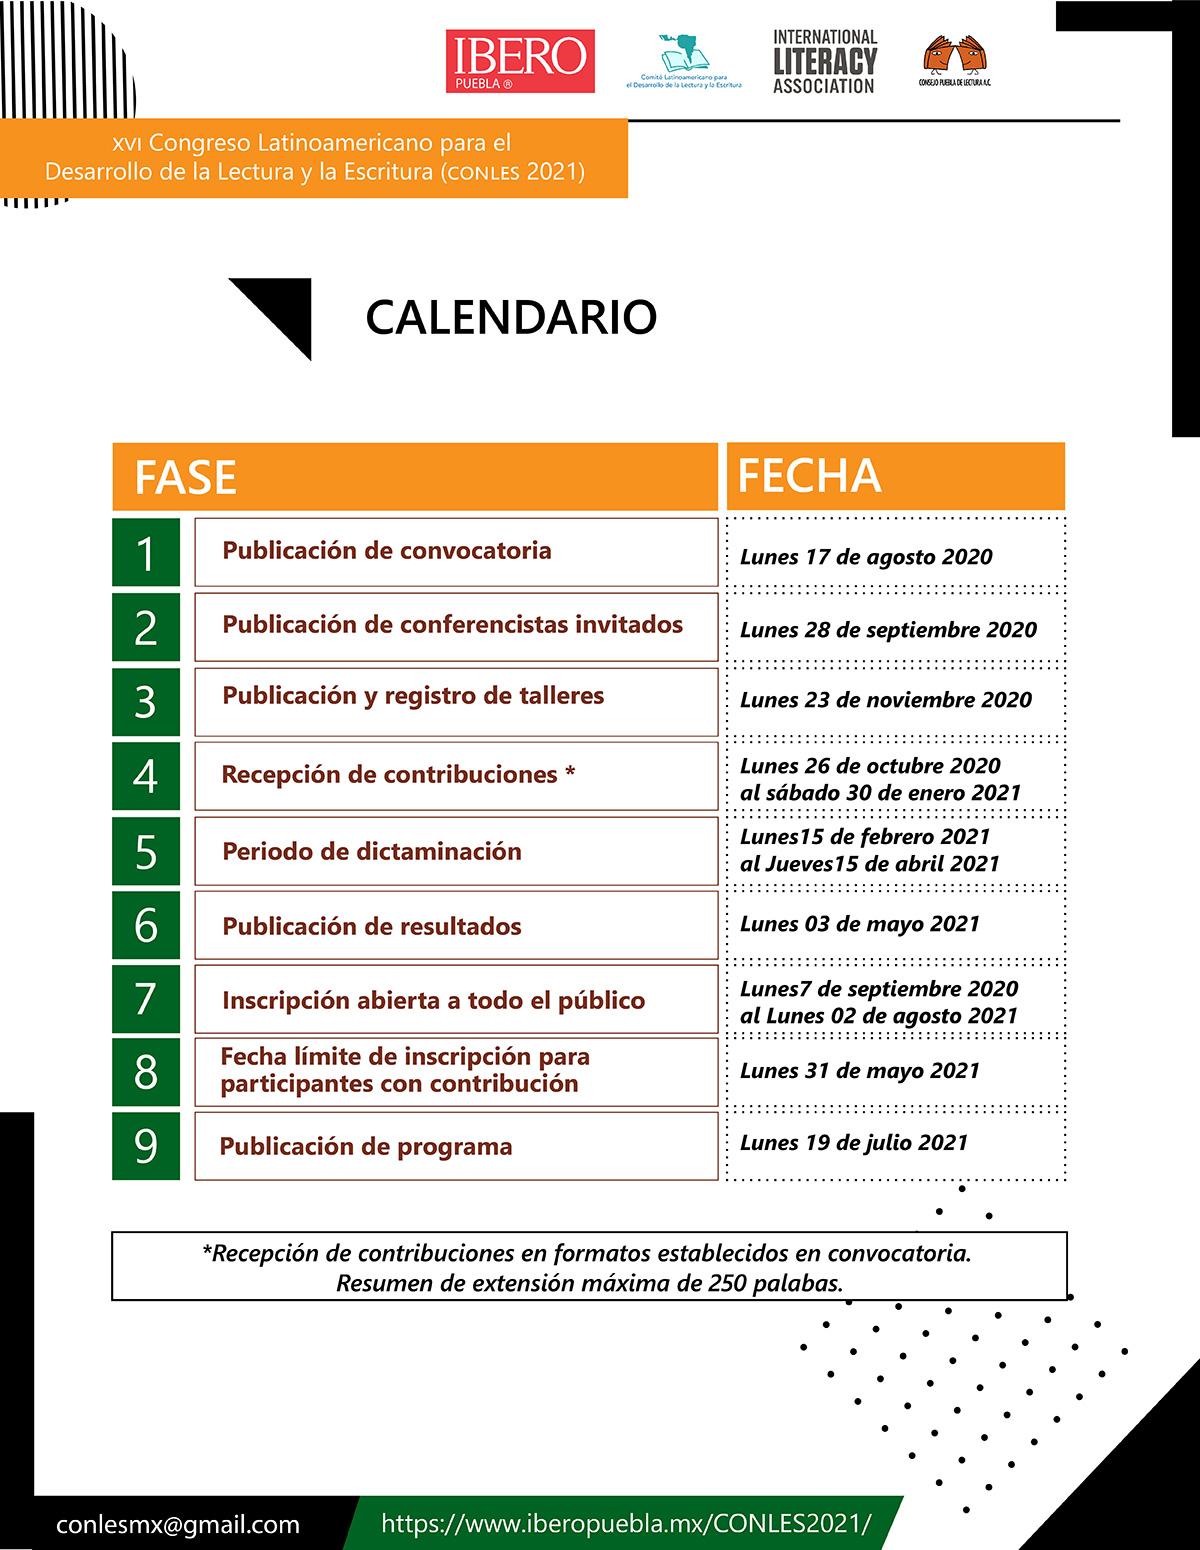 https://repo.iberopuebla.mx/CONLES2021/calendarioTrabajo.jpg